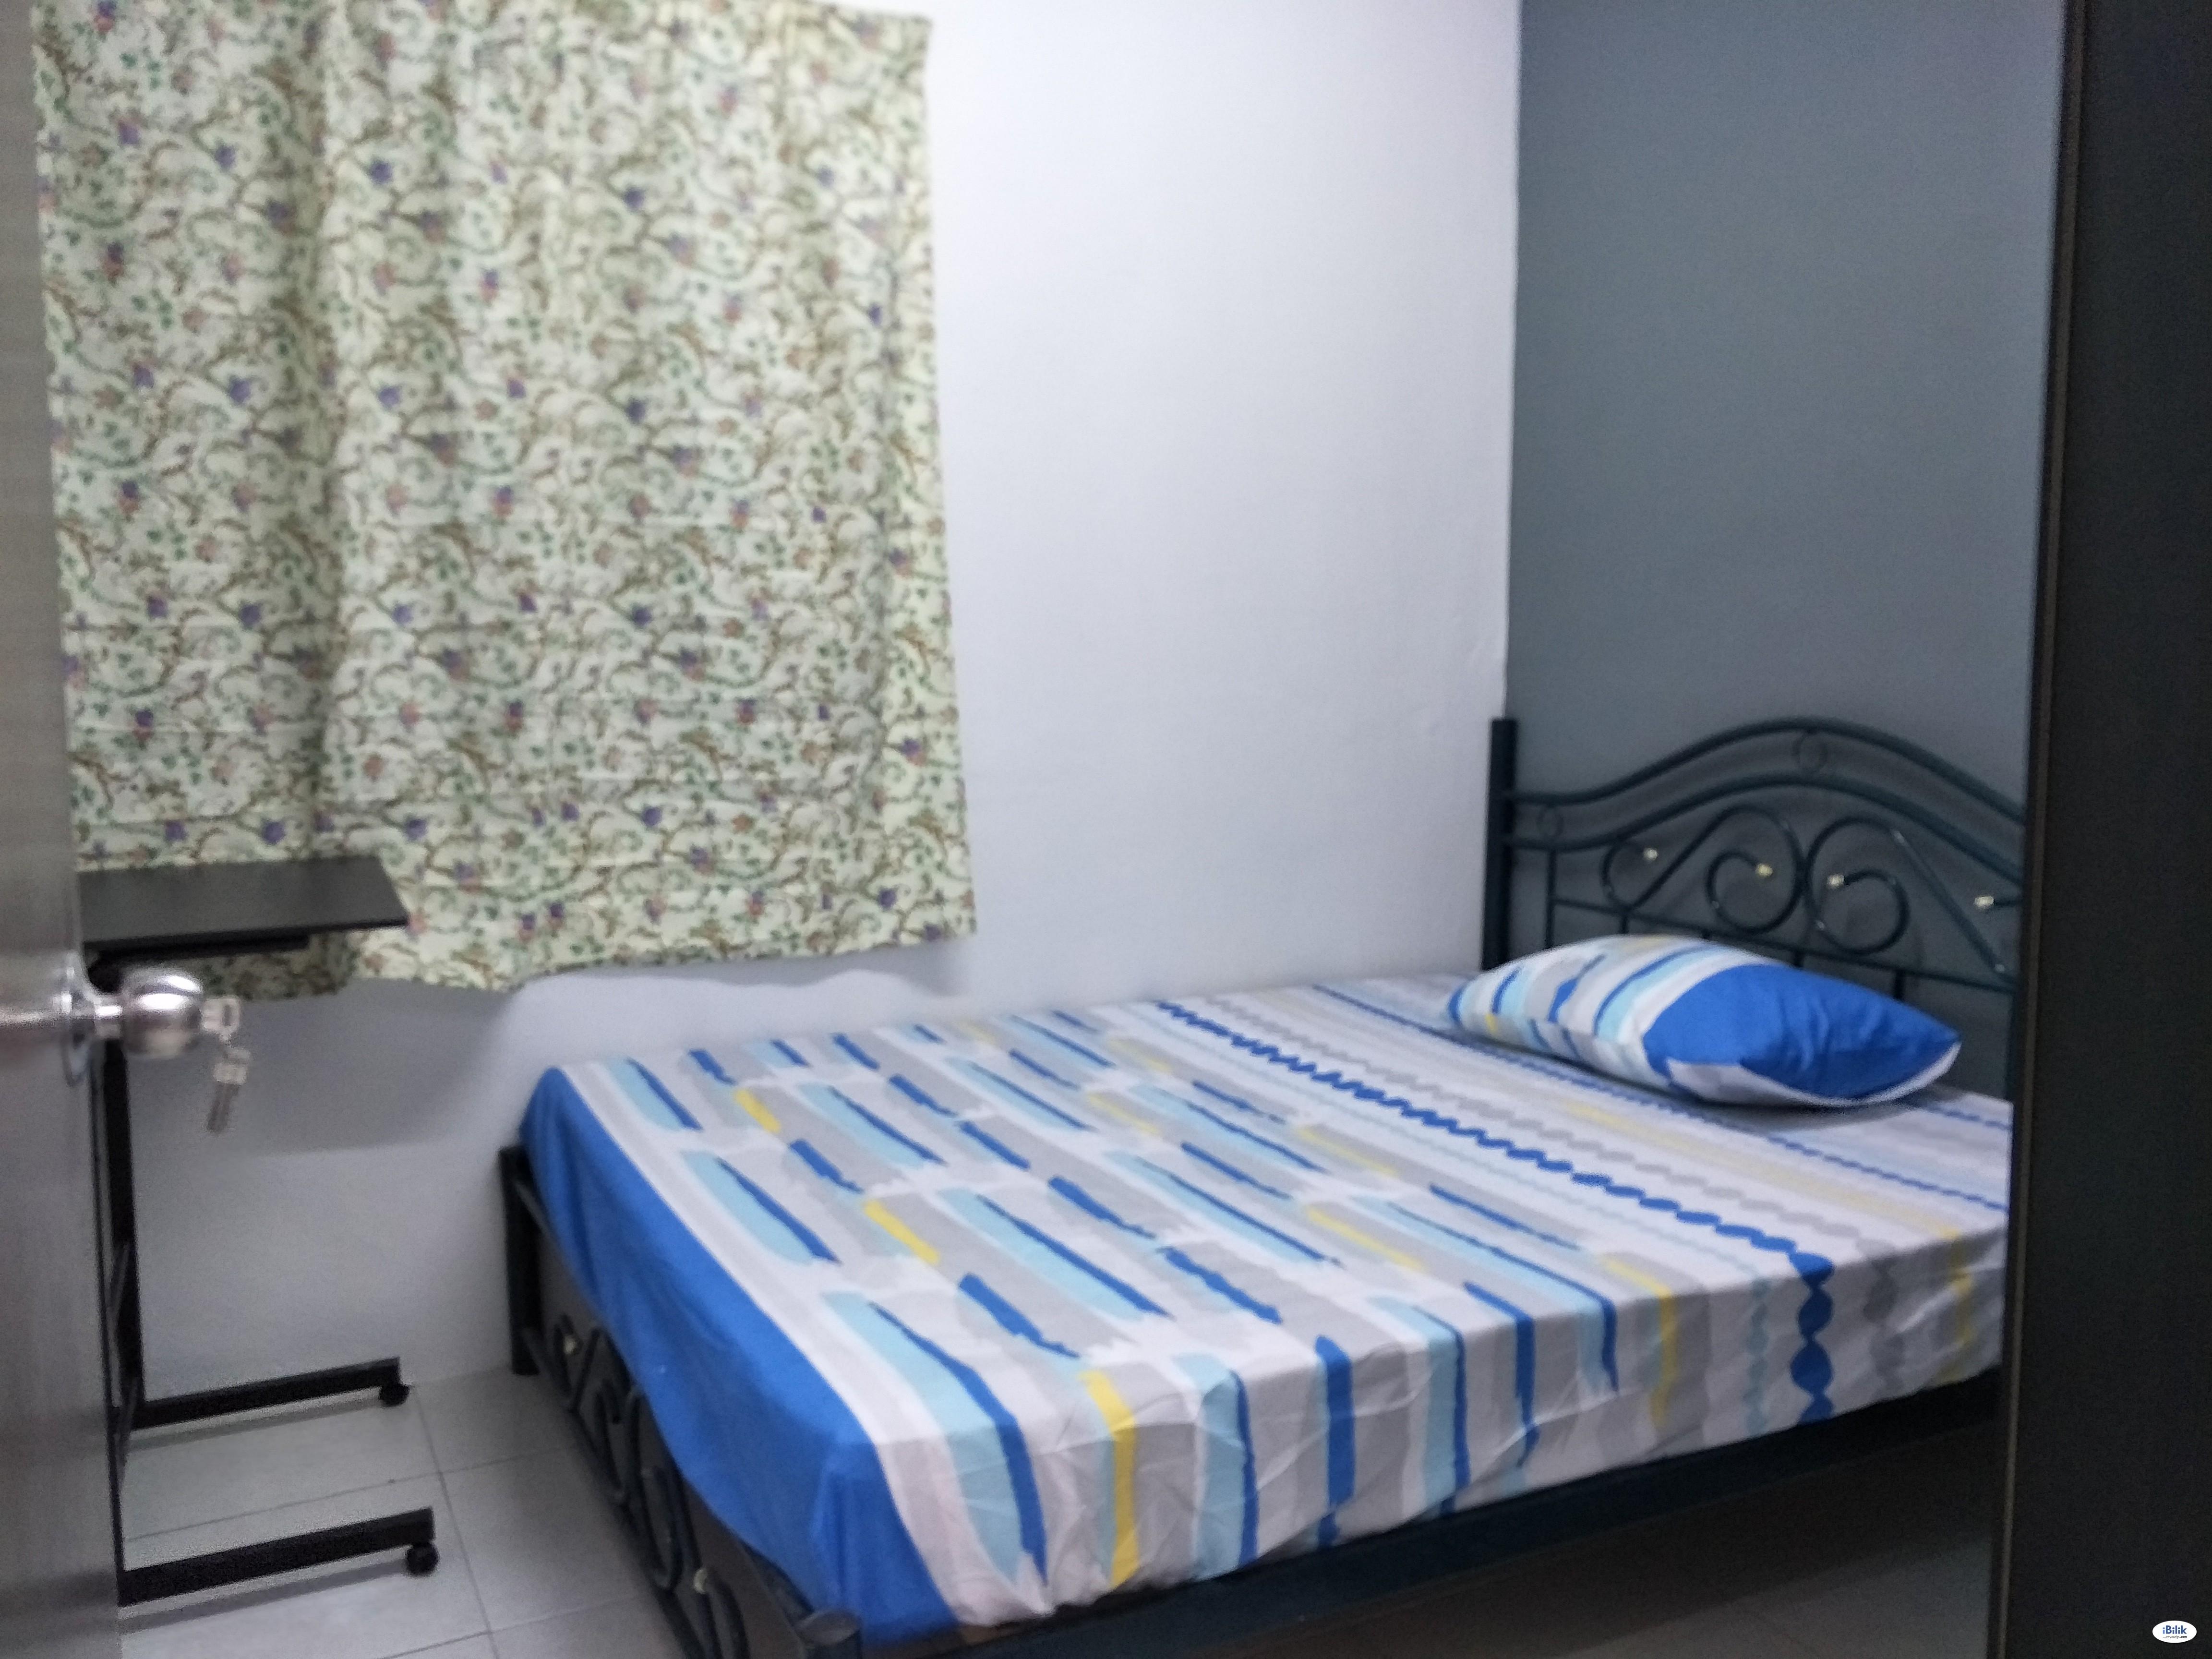 Middle Room at Bandar Melaka, Melaka